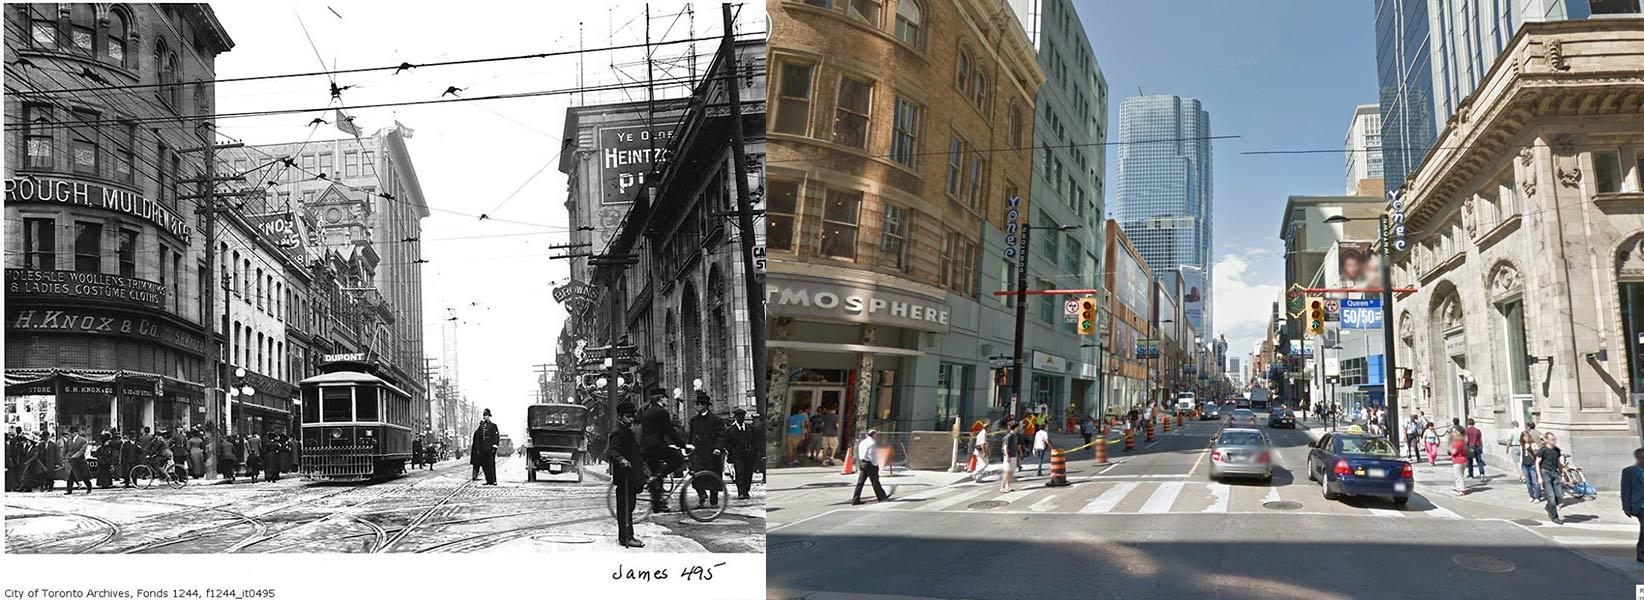 Yonge Street and Queen Street Toronto